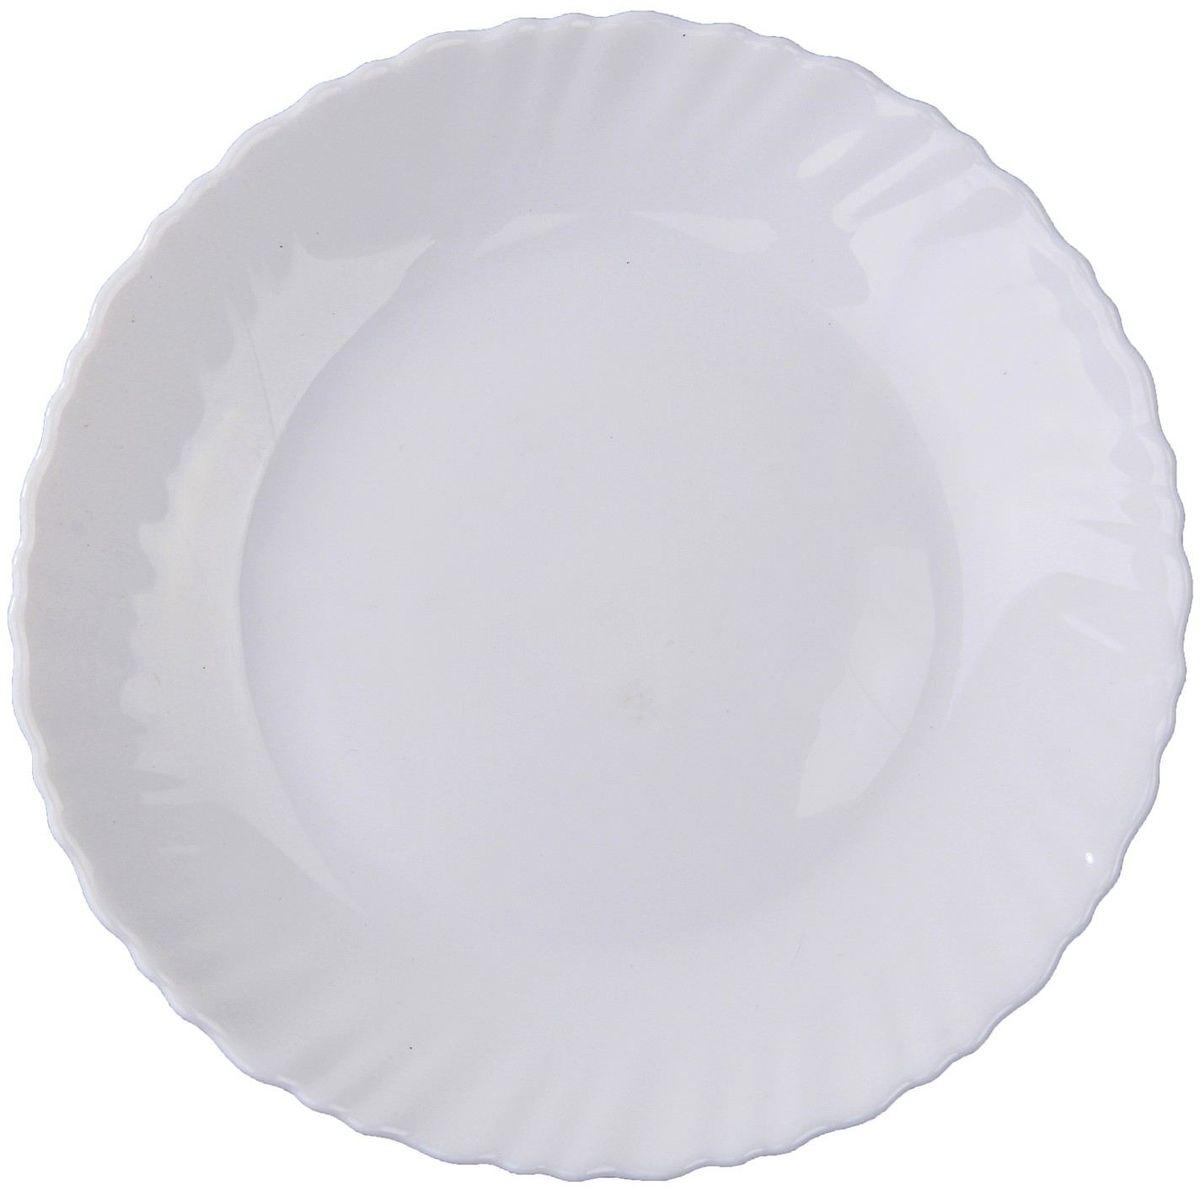 Тарелка десертная Дива, диаметр 17,5 см122383Тарелка – важнейший предмет любого застолья. Будучи во главе стола, она привлекает к себе основное внимание. А это значит – рисунок, цвет и материал играют немаловажную роль.Почему во всем мире так ценится посуда из стеклокермики?Универсальна. Ее можно использовать и для приготовления пищи, и для безопасного хранения любых готовых блюд. В такой посуде можно кипятить, варить, жарить парить, тушить и запекать любые продукты.Ударопрочна и травмобезопасна. Термическое стекло – очень прочный материал, который не поддается механическим нагрузкам, не бьется, не колется и не трескается.Термически устойчива (жаропрочна). Посуда не деформируется при нагреве и подходит для СВЧ-печей.Химически инертна. Стеклянные поверхности посуды совершенно нечувствительны к воздействию моющих и чистящих средств.Экологически и гигиенически безопасна. Стеклокерамика – исключительно «чистый» материал, не выделяющий вредных летучих соединений даже при сильном нагреве, не впитывает запахов и не передает их хранящейся или готовящейся пище.Удобна в уходе. Моется обычной теплой водой, не формирует накипь и нагар.Эстетически привлекательна. Прозрачное, матовое и тонированное термическое стекло имеет оригинальный вид, который сохраняется в любых технических условиях на долгие годы.